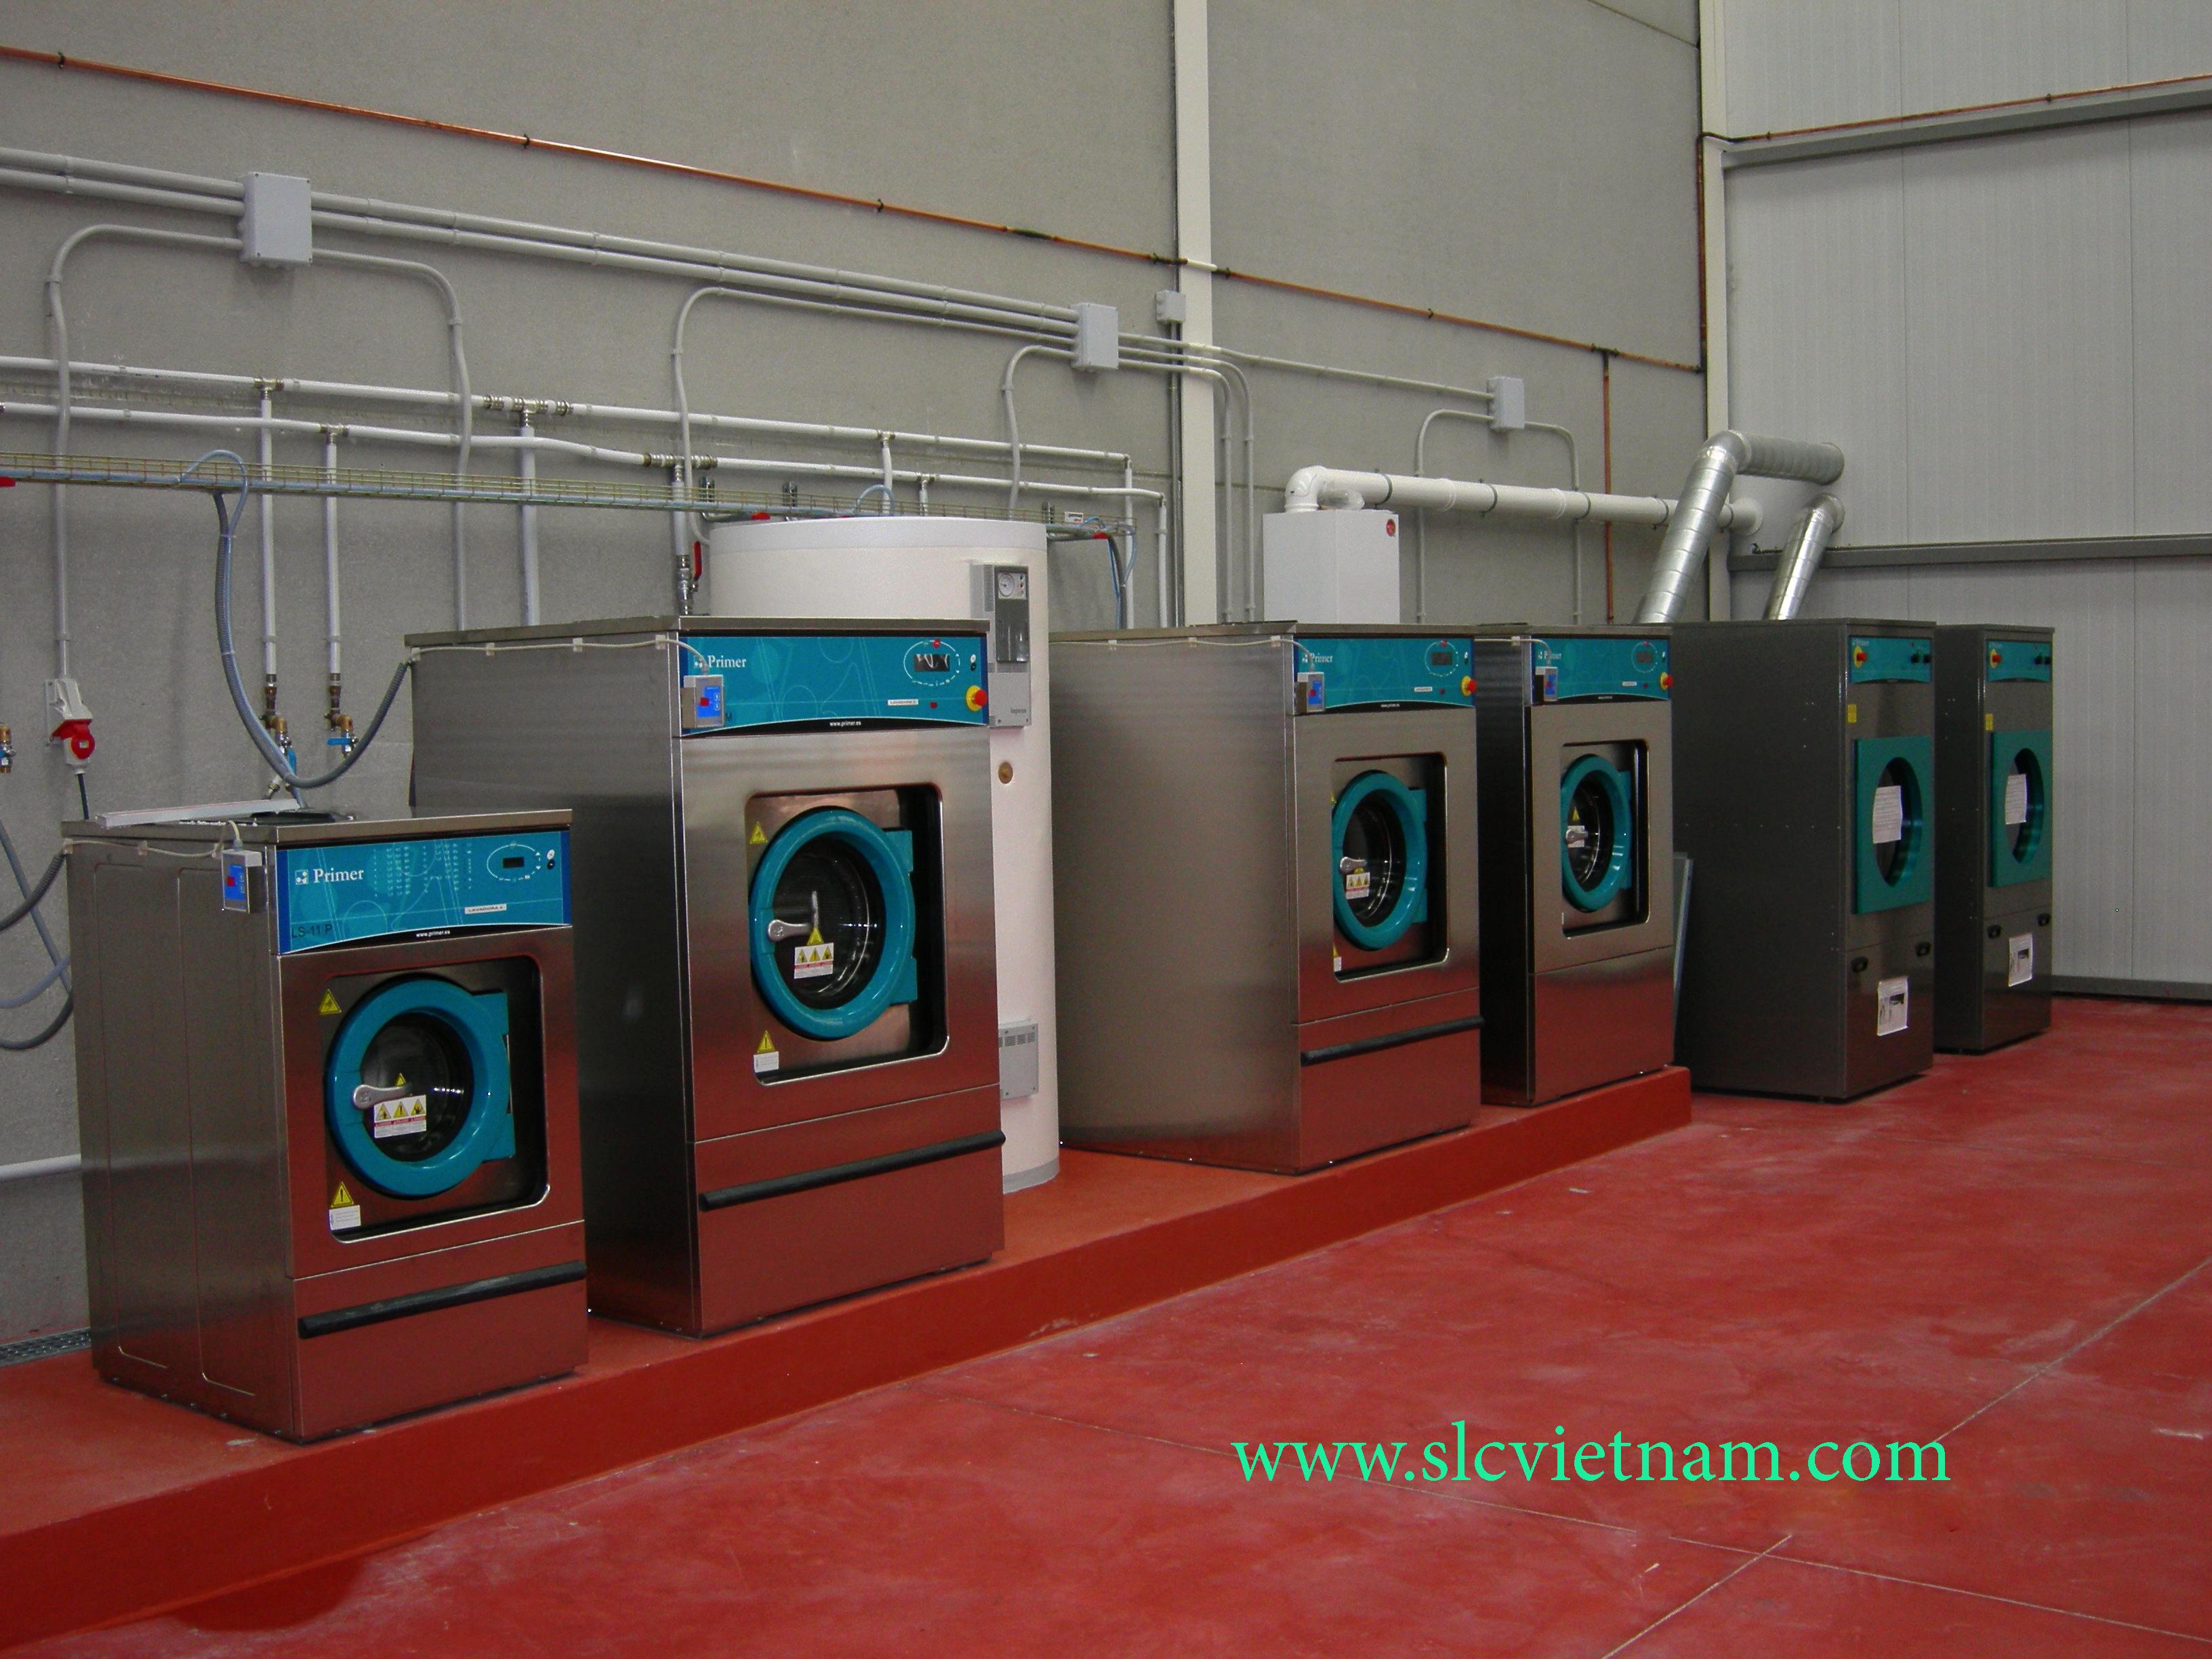 Qui trình thiết kế hệ thống thiết bị giặt là